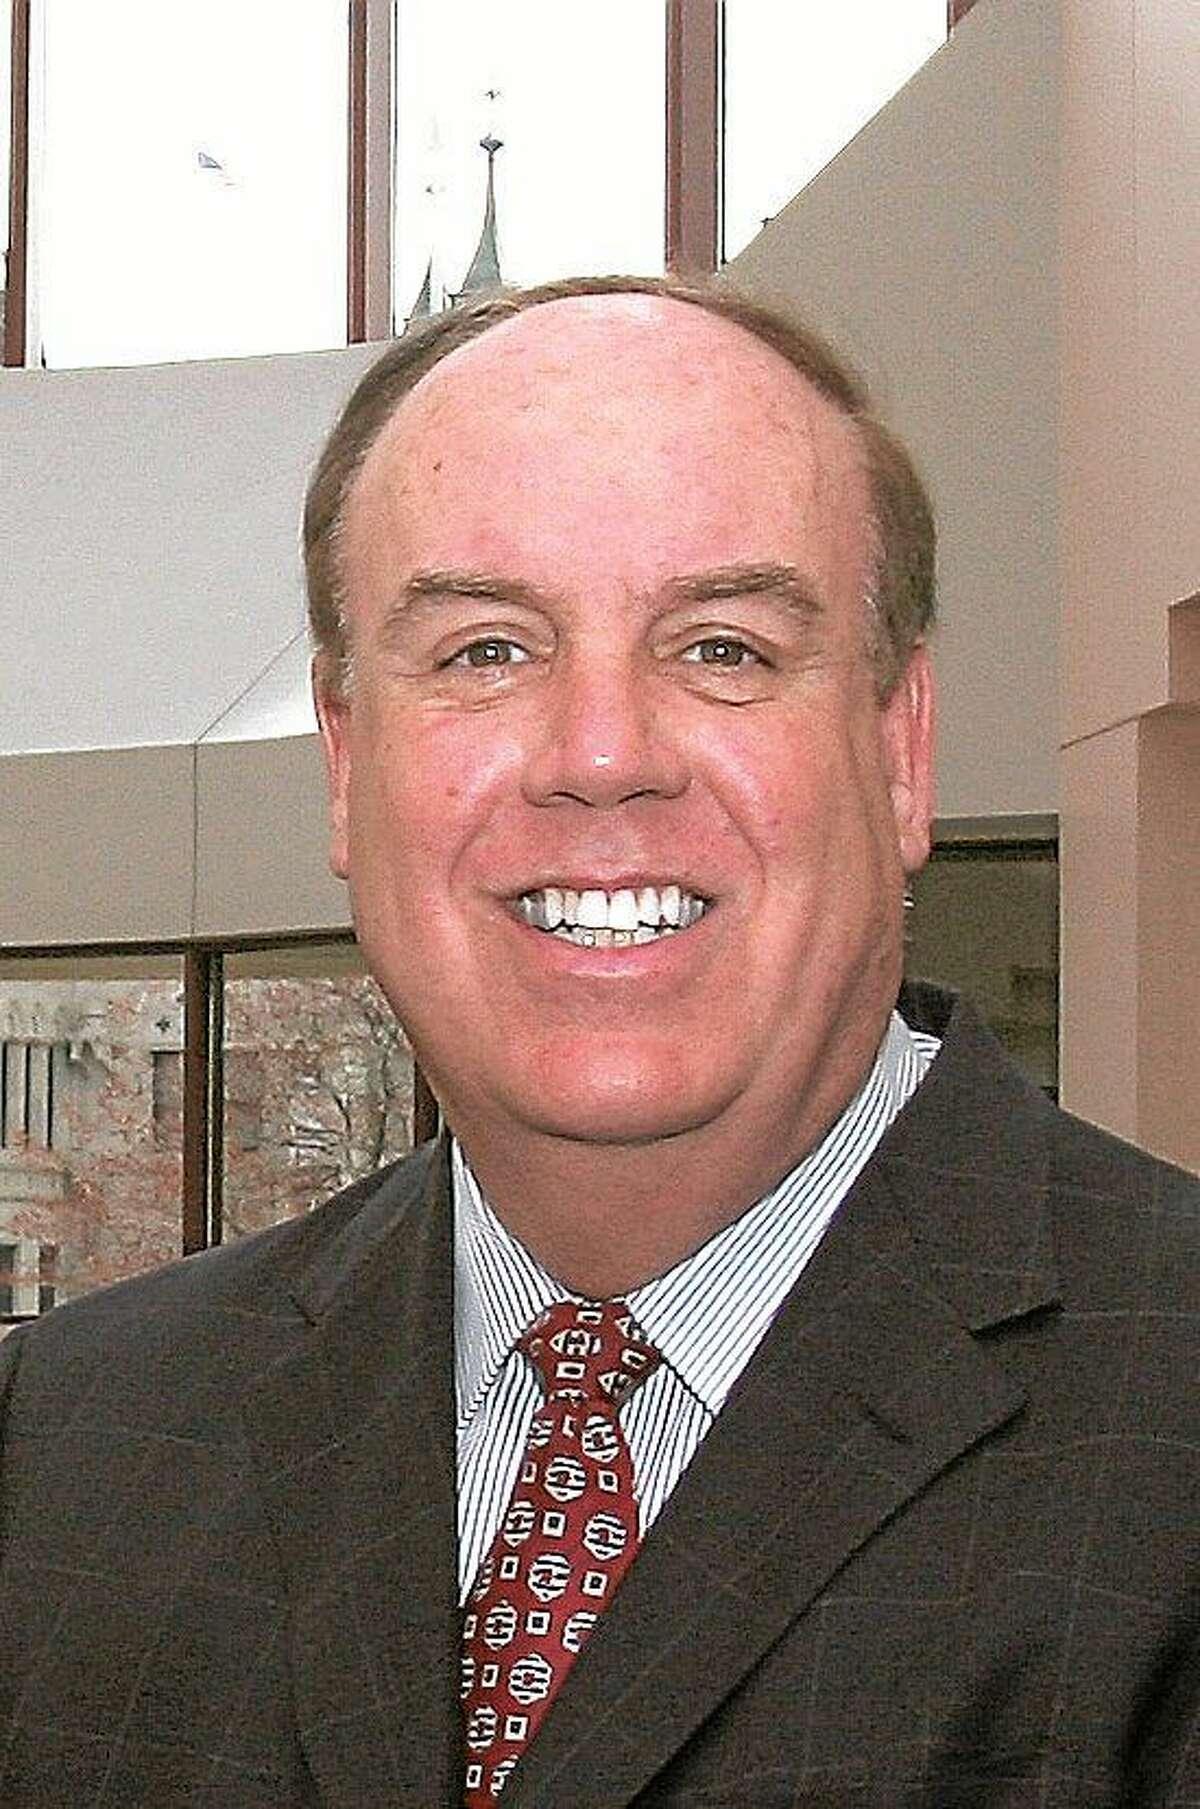 Rep. Stephen Dargan